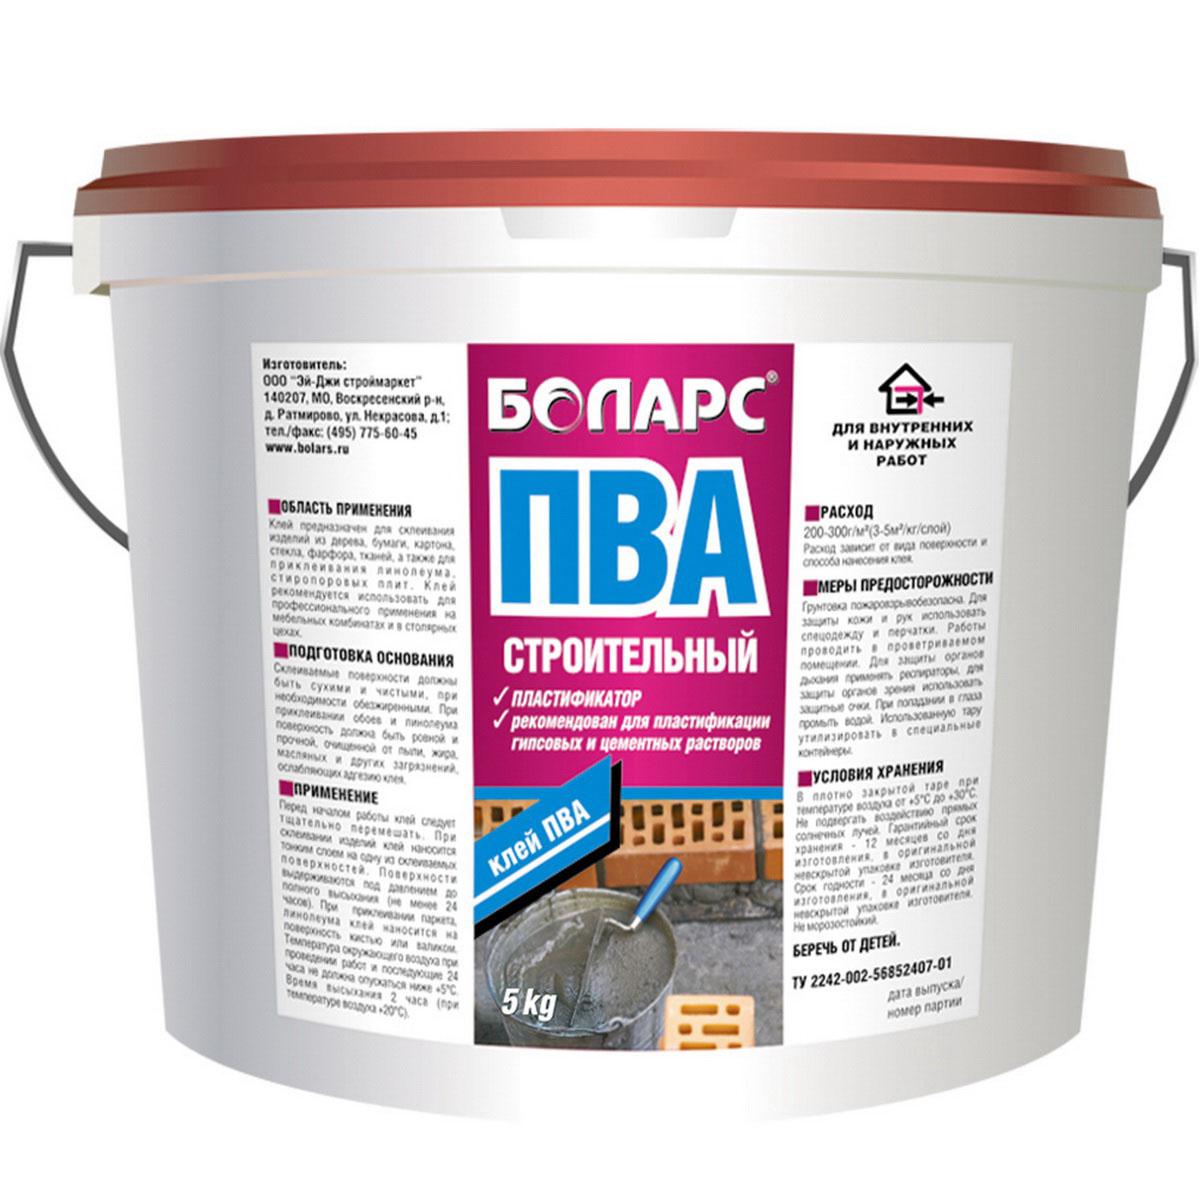 Клей ПВА Боларс, пластификатор, 5 кгS03301004Клей ПВА Боларс предназначен для пластификации строительных растворов. Может применяться в цементных, гипсовых составах для повышения эластичности и адгезии используемых растворов. Подходит для внутренних и наружных работ. Состав: поливинилацетатная дисперсия, технологические добавки, вода.Цвет: белый.pH: 5,5-7,0.Расход: 200-300 г/л.Морозостойкость: 5 циклов.Температура проведения работ: +5°С +30°С.Температура эксплуатации: +5°С +40°С.Размораживать продукт следует при комнатной температуре в оригинальной таре изготовителя. Гарантийный срок хранения – 12 месяцев со дня изготовления, в оригинальной невскрытой упаковке изготовителя.Срок годности – 24 месяца со дня изготовления, в оригинальной невскрытой упаковке изготовителя.